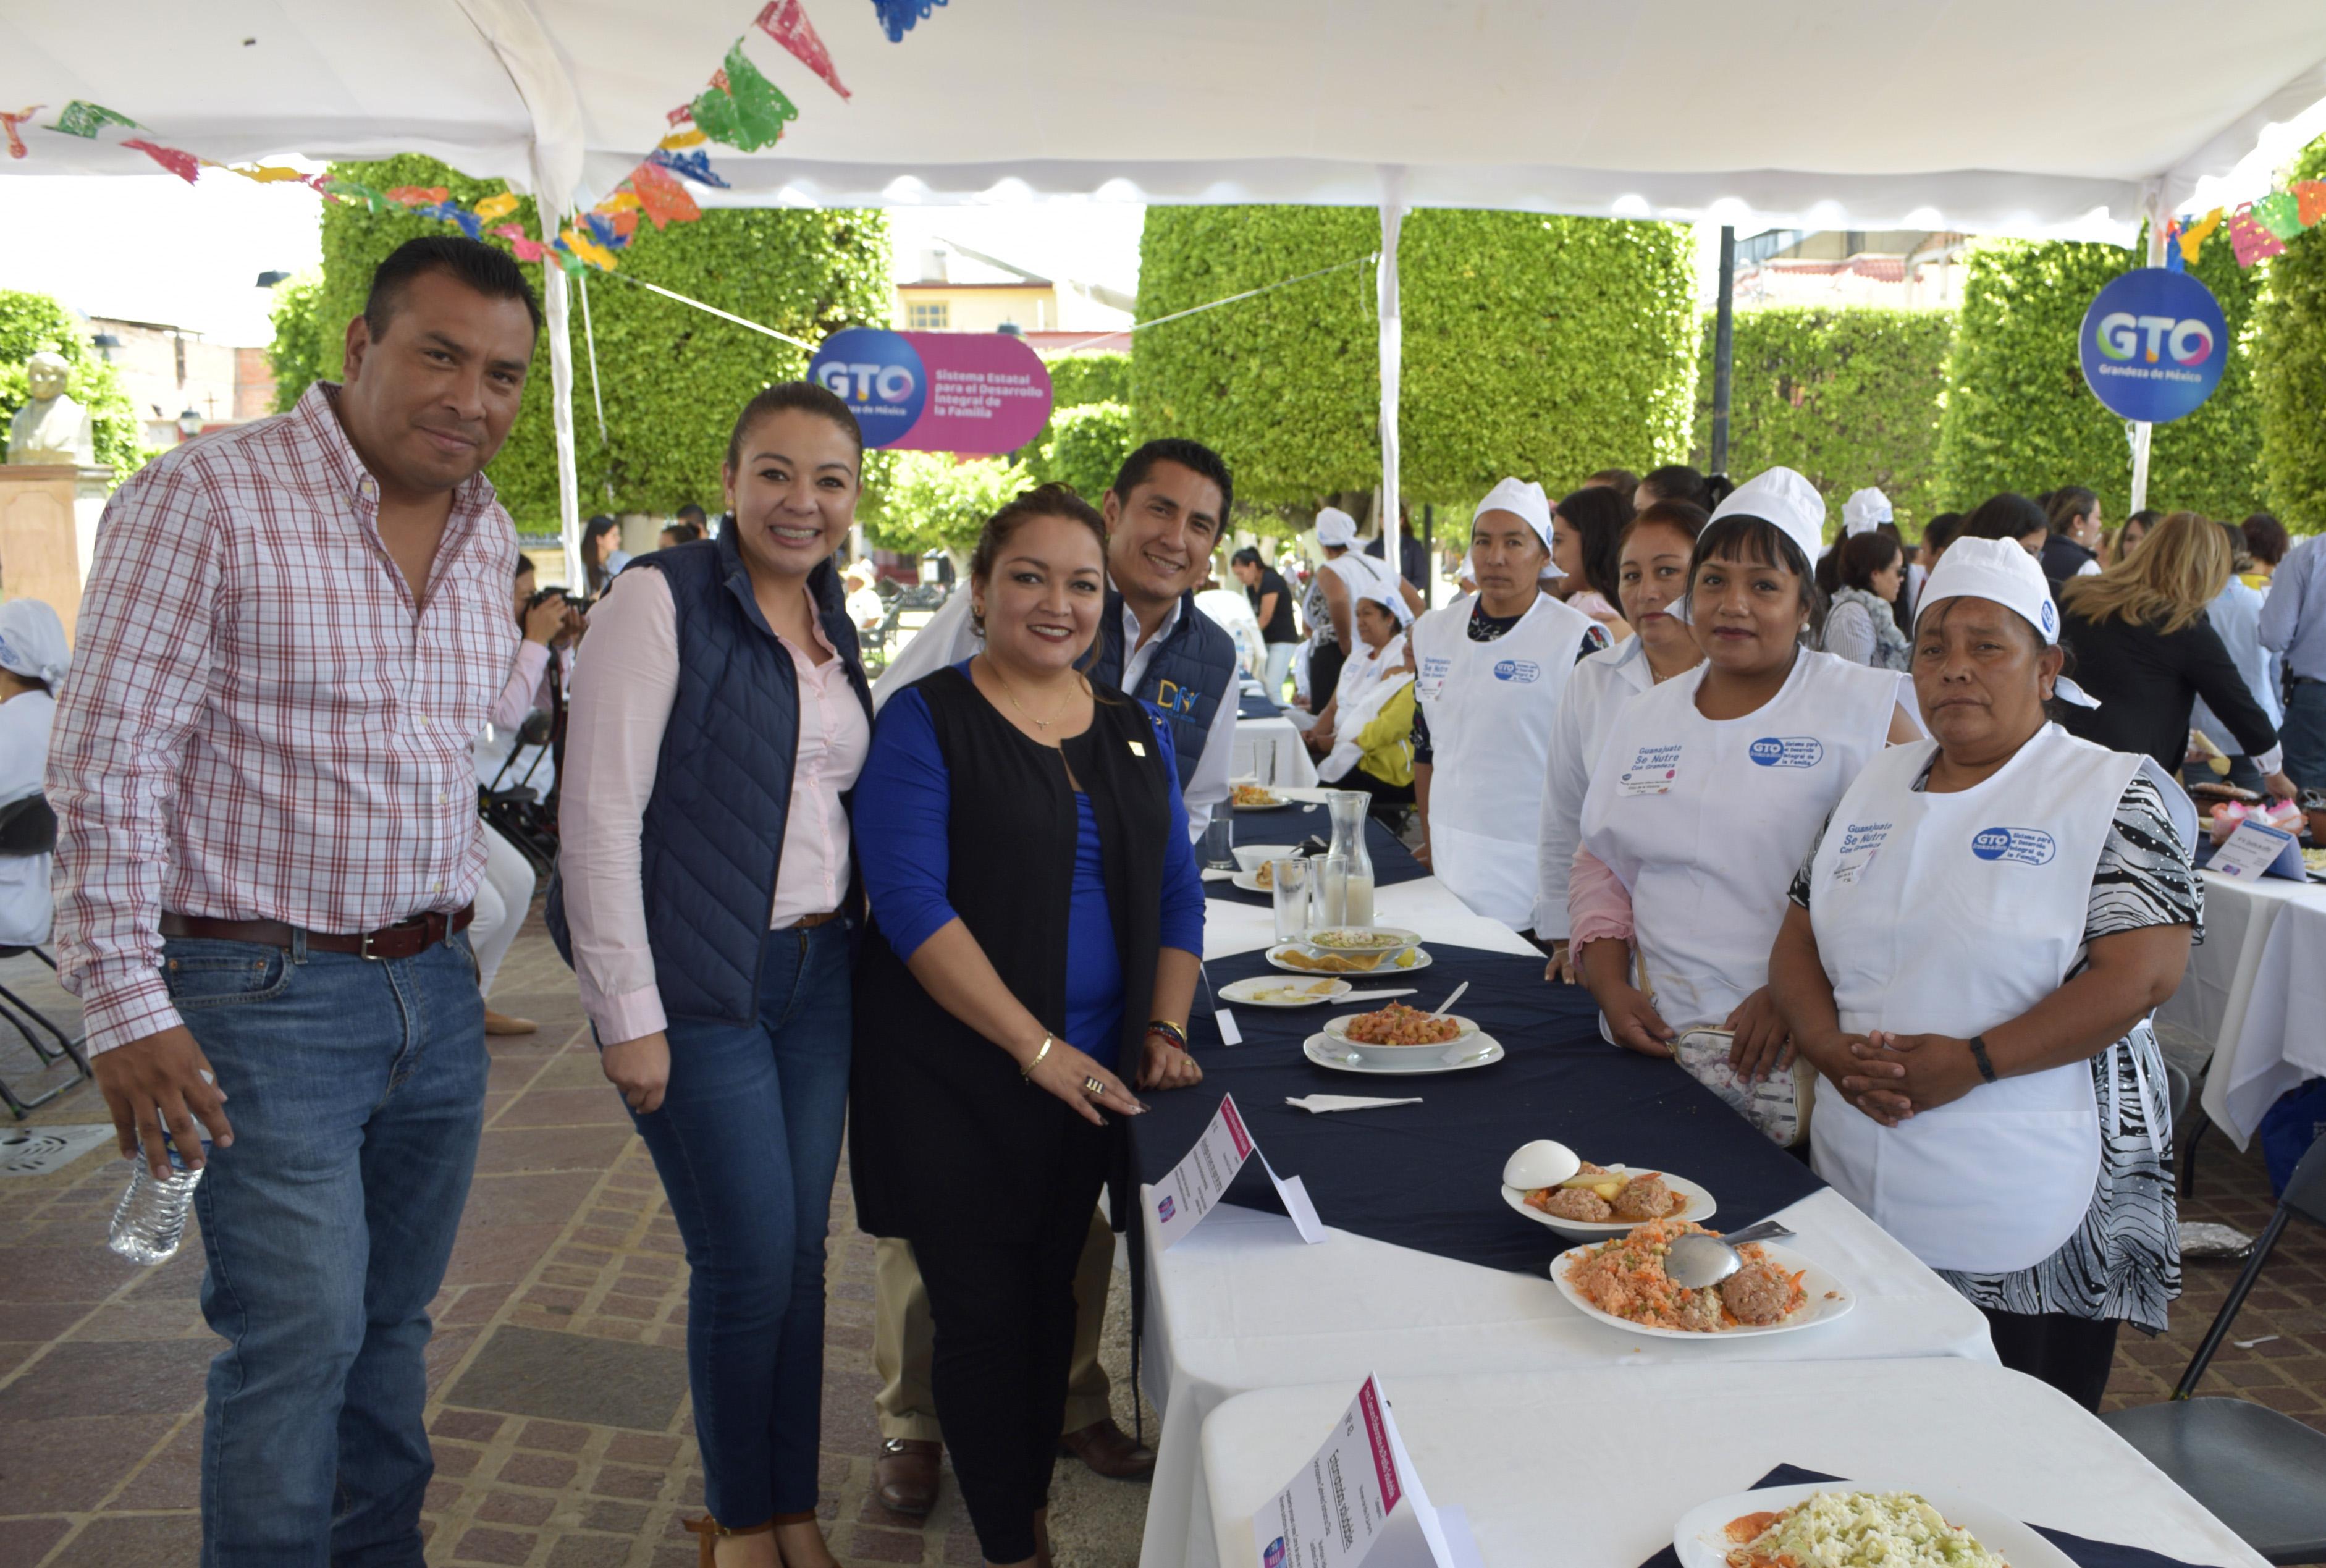 DIF Silao participa en el 7° Concurso Regional de Platillo Saludable 2019